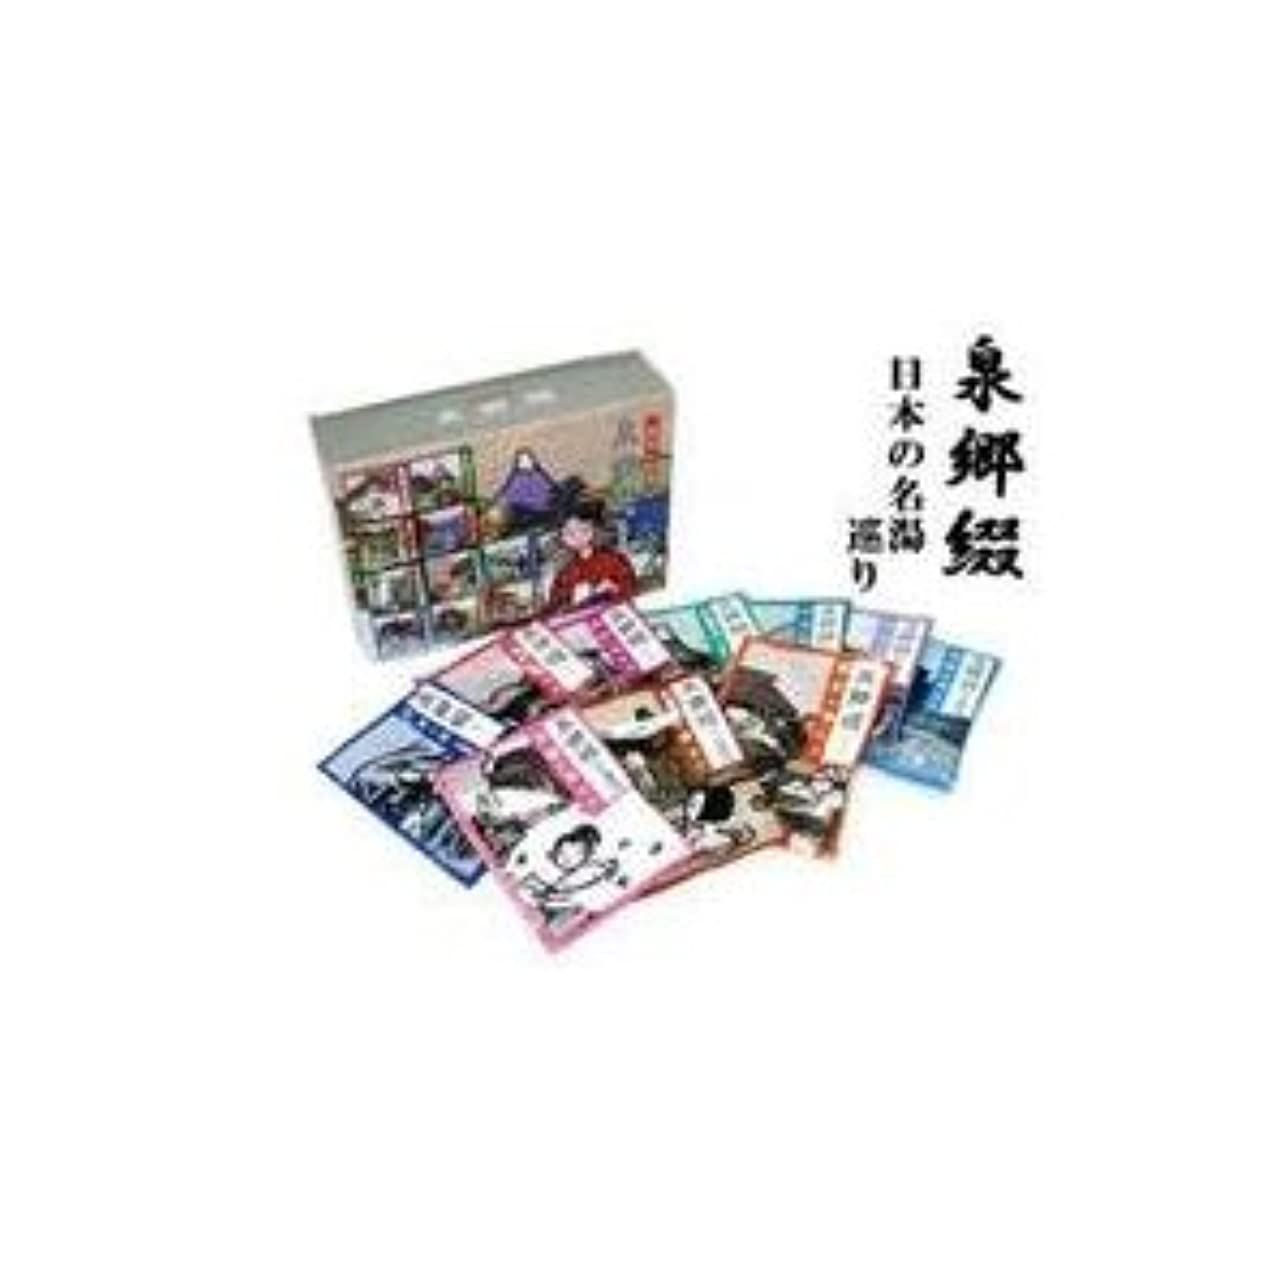 金額不実一部入浴剤 泉郷綴<日本の名湯巡り>(10包入り)日本を代表する温泉10ヶ所の入浴剤(10セット)